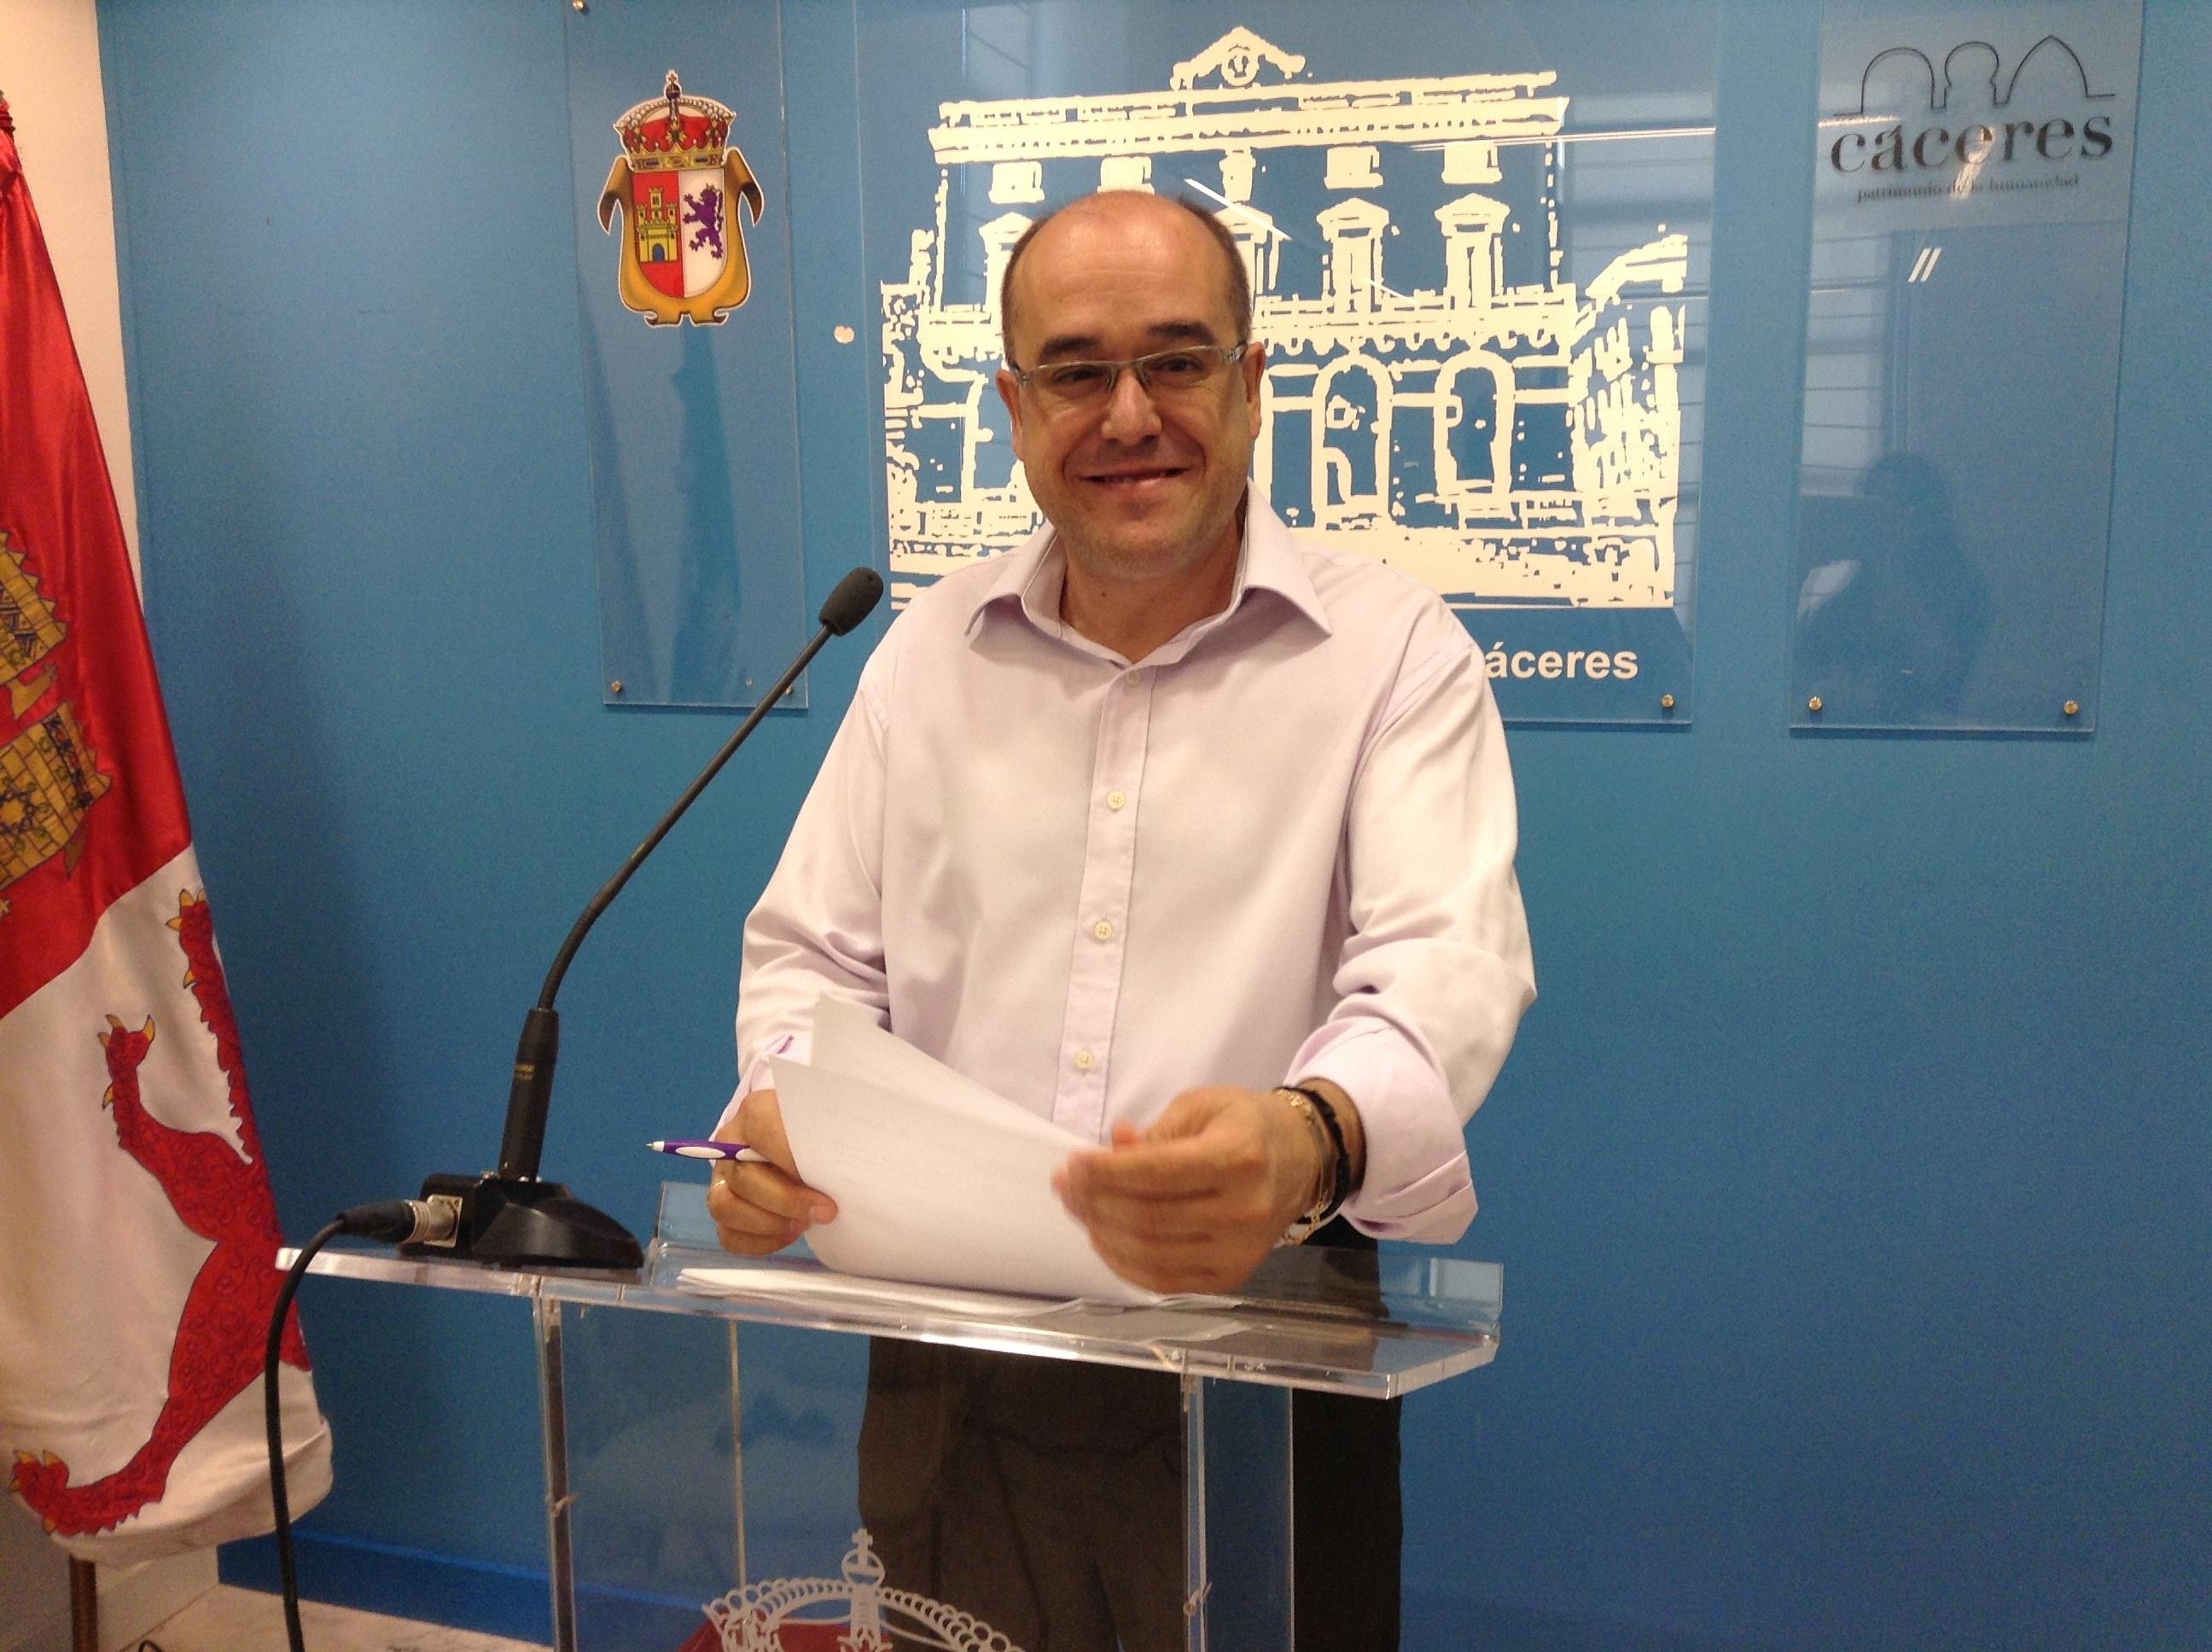 El Ayuntamiento de Cáceres convoca cuatro nuevas plazas de subinspector de policía municipal